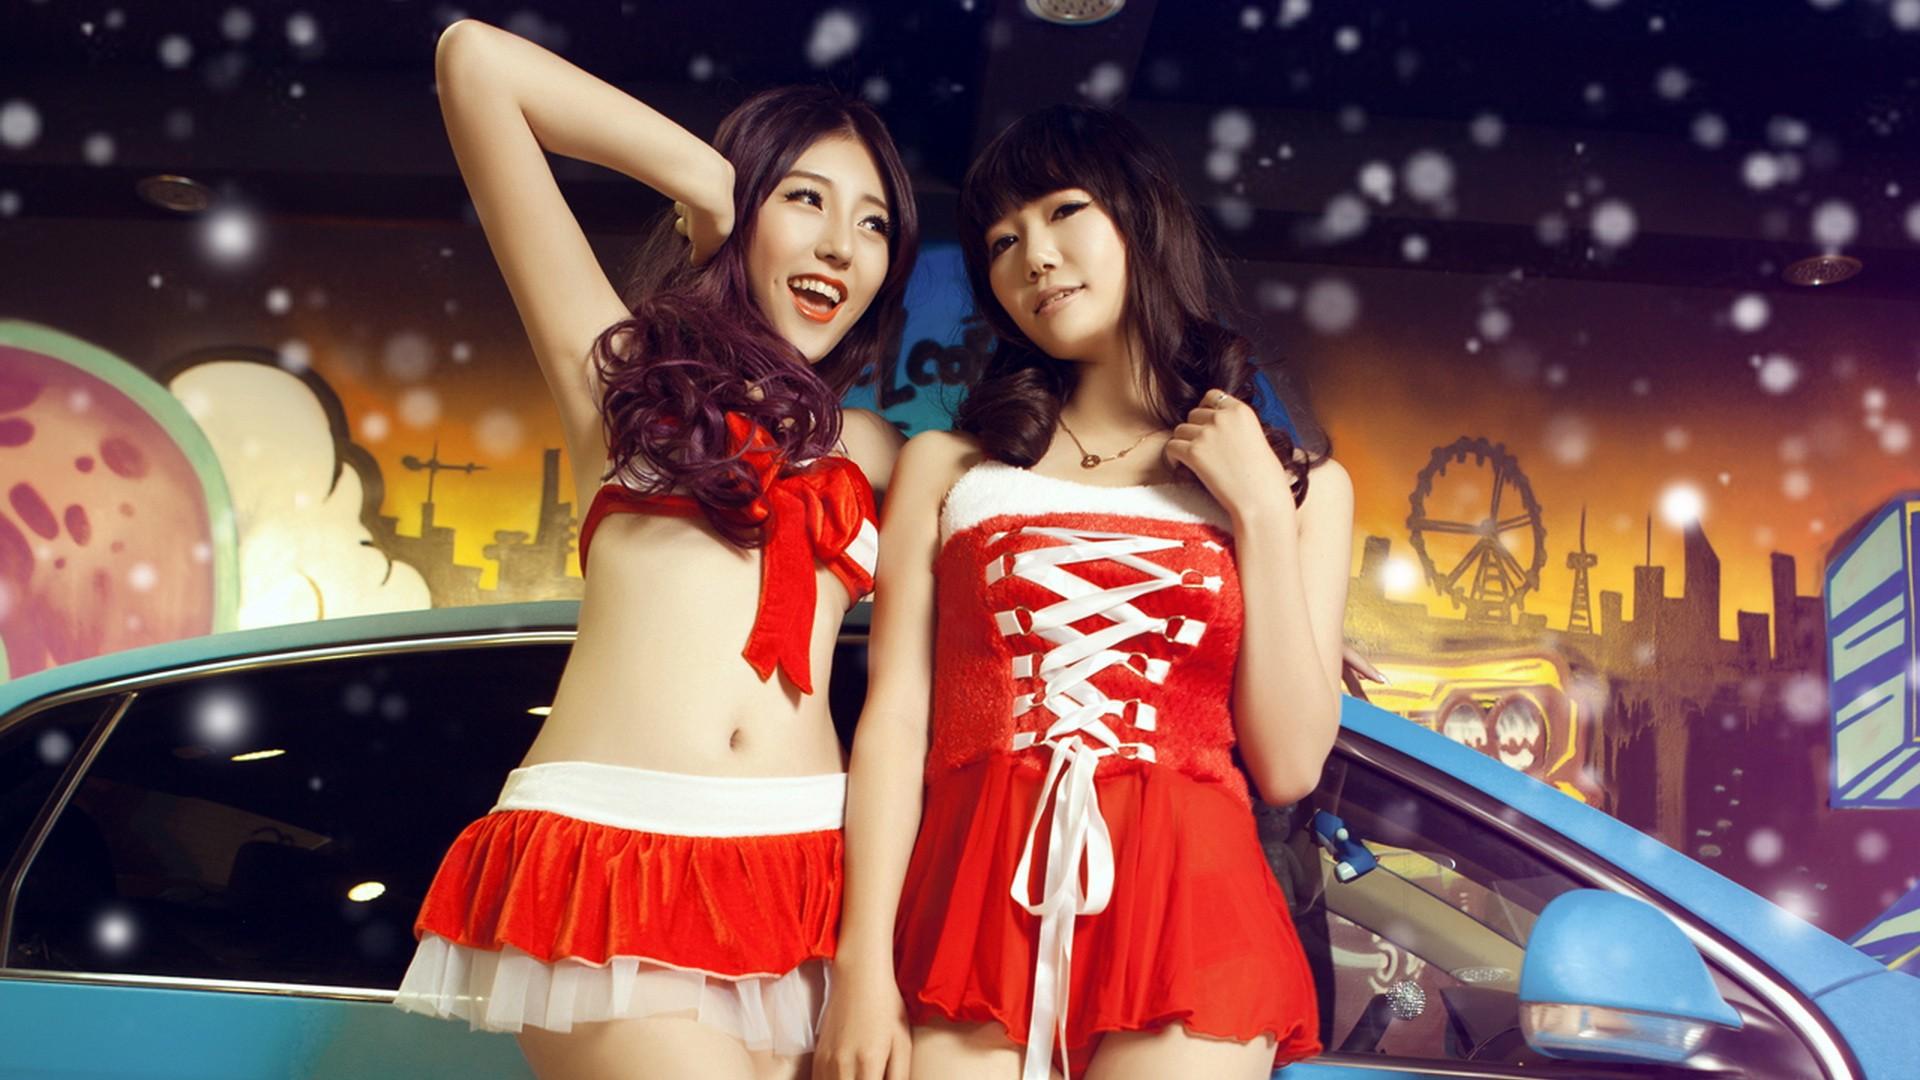 香车美女喜迎新年壁纸上的那两个女孩叫啥